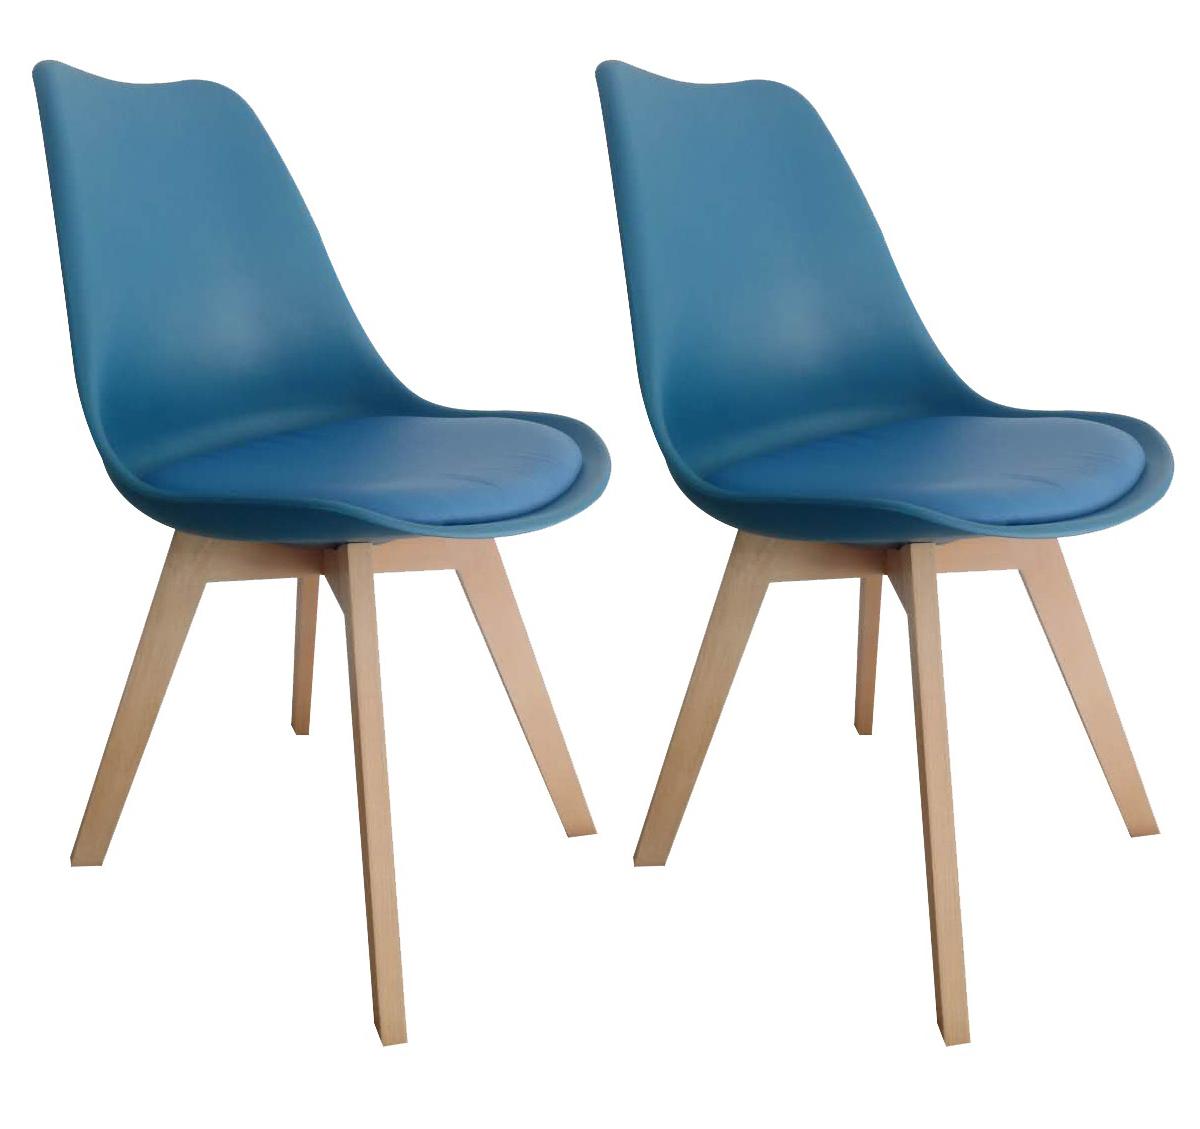 chaise bistrot bleu scandinave